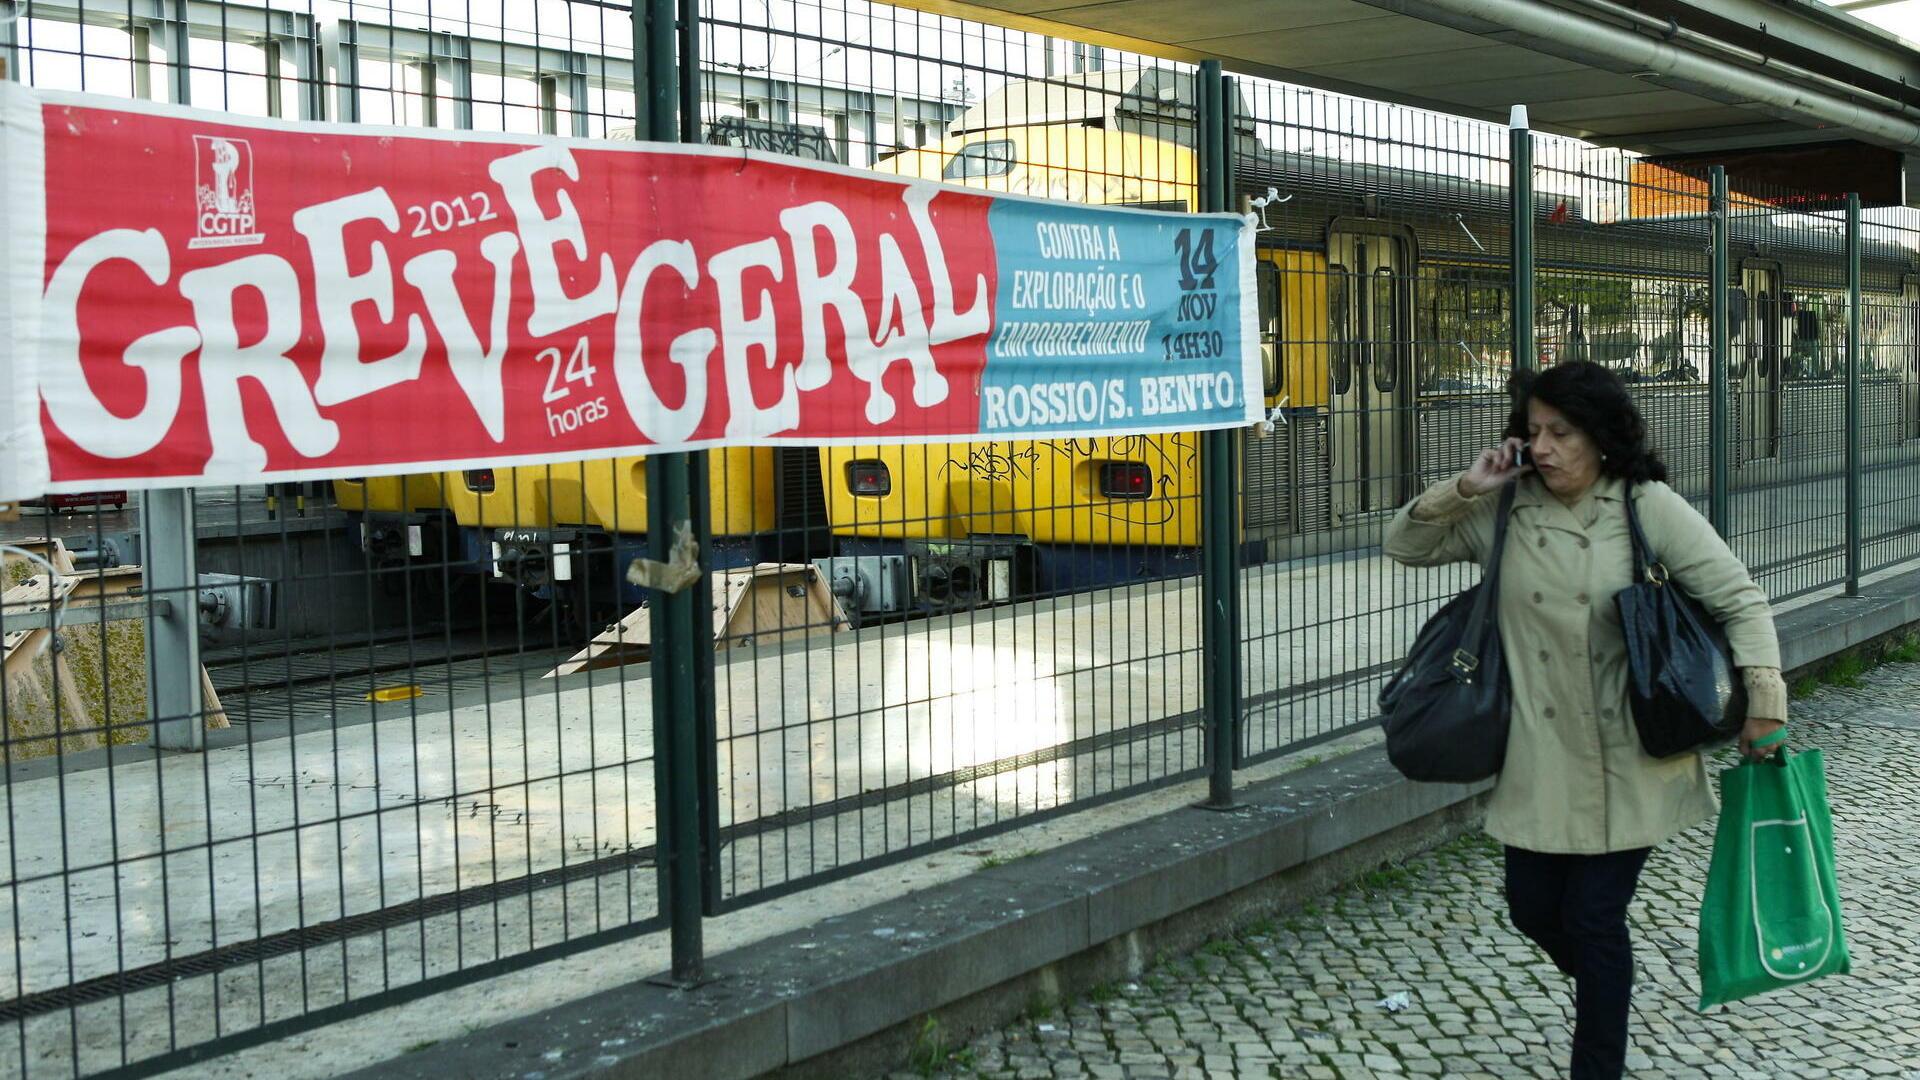 Stillstand in Spanien und Portugal: Südeuropa streikt gegen die Sparpolitik